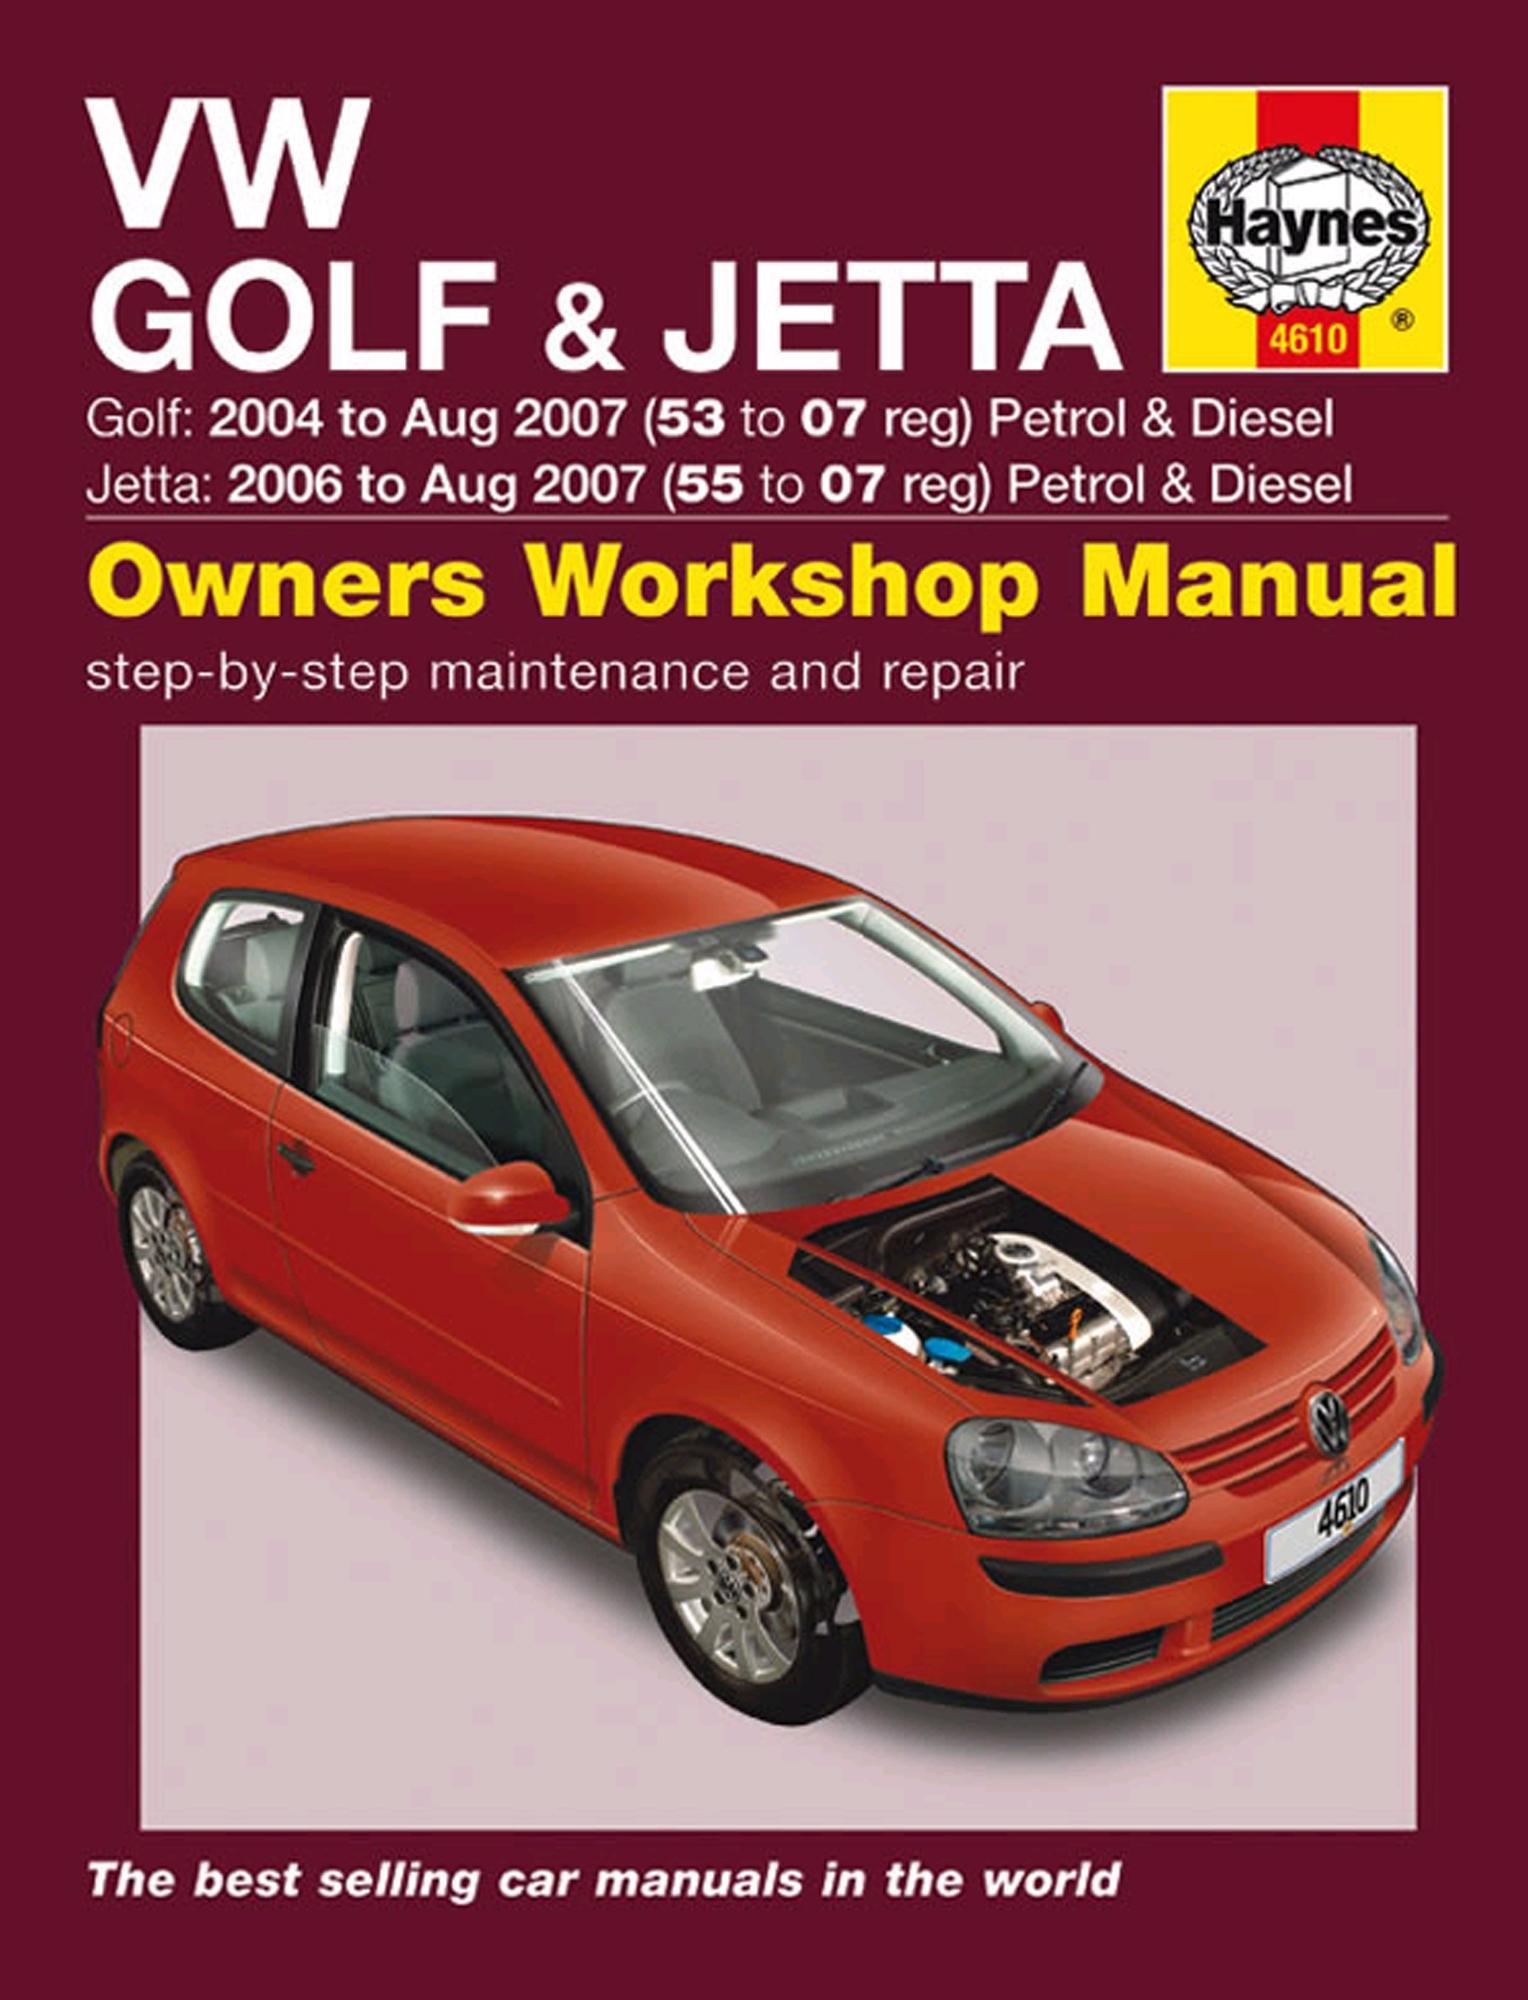 Haynes Owners Workshop Manual VW Golf 2004-2009 Jetta 2006-2009 Petrol  Diesel